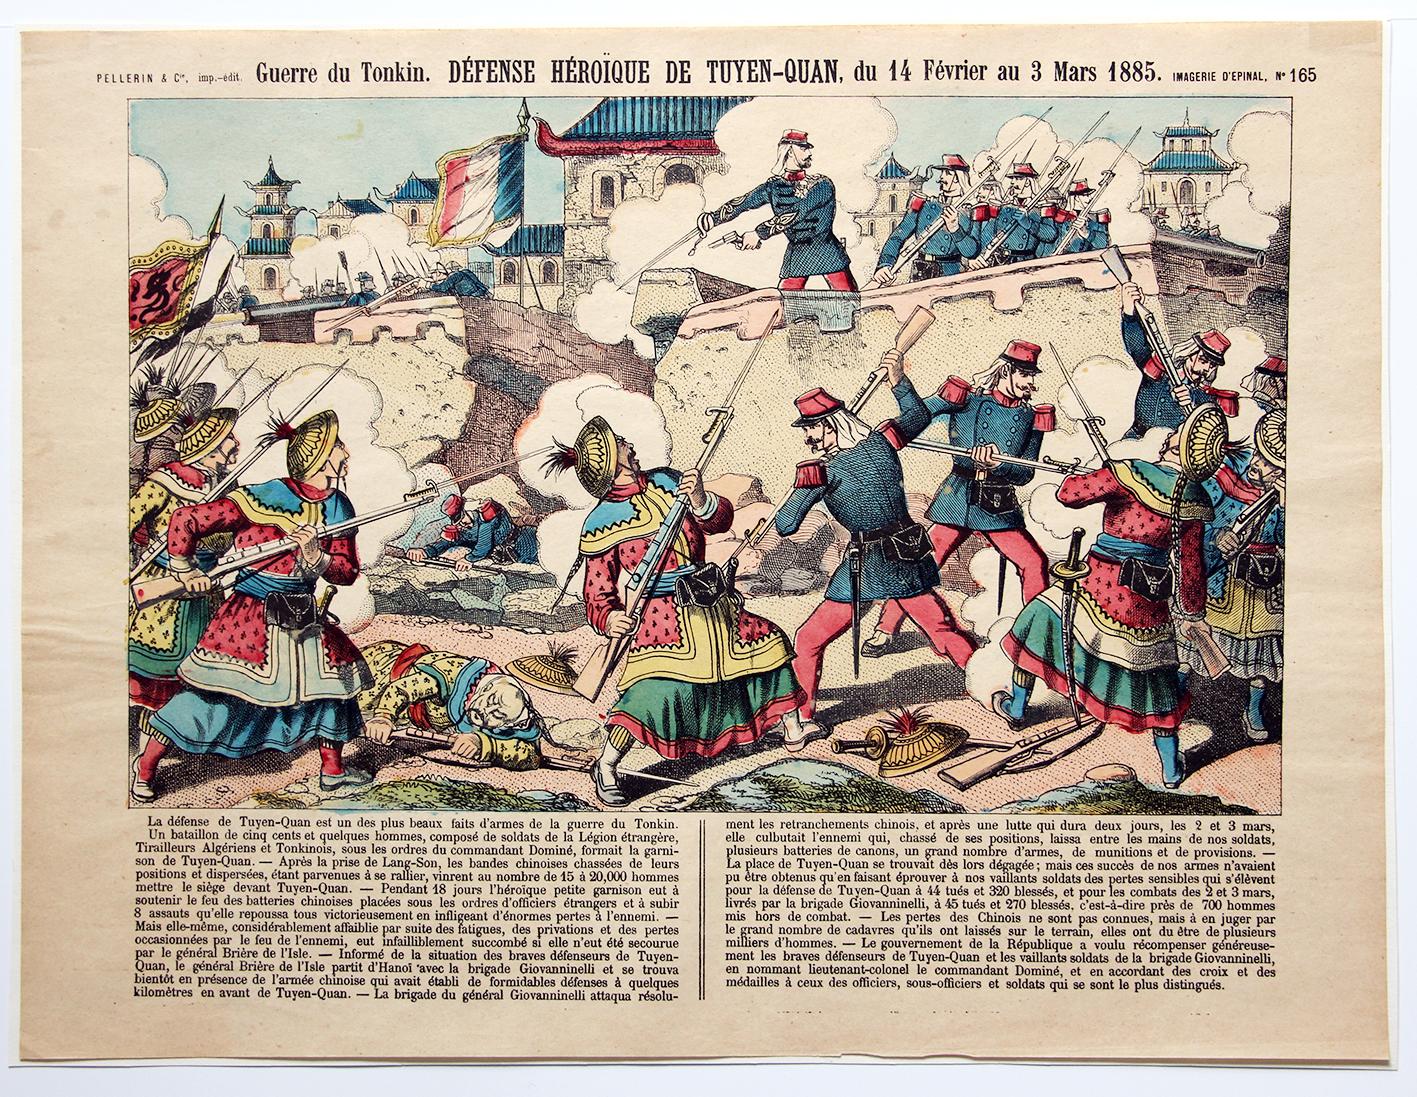 Planche imagerie Epinal - Bataille Tuyen Quan - 1885 - Imagerie Populaire - Guerre du Tonkin - Planche N°165